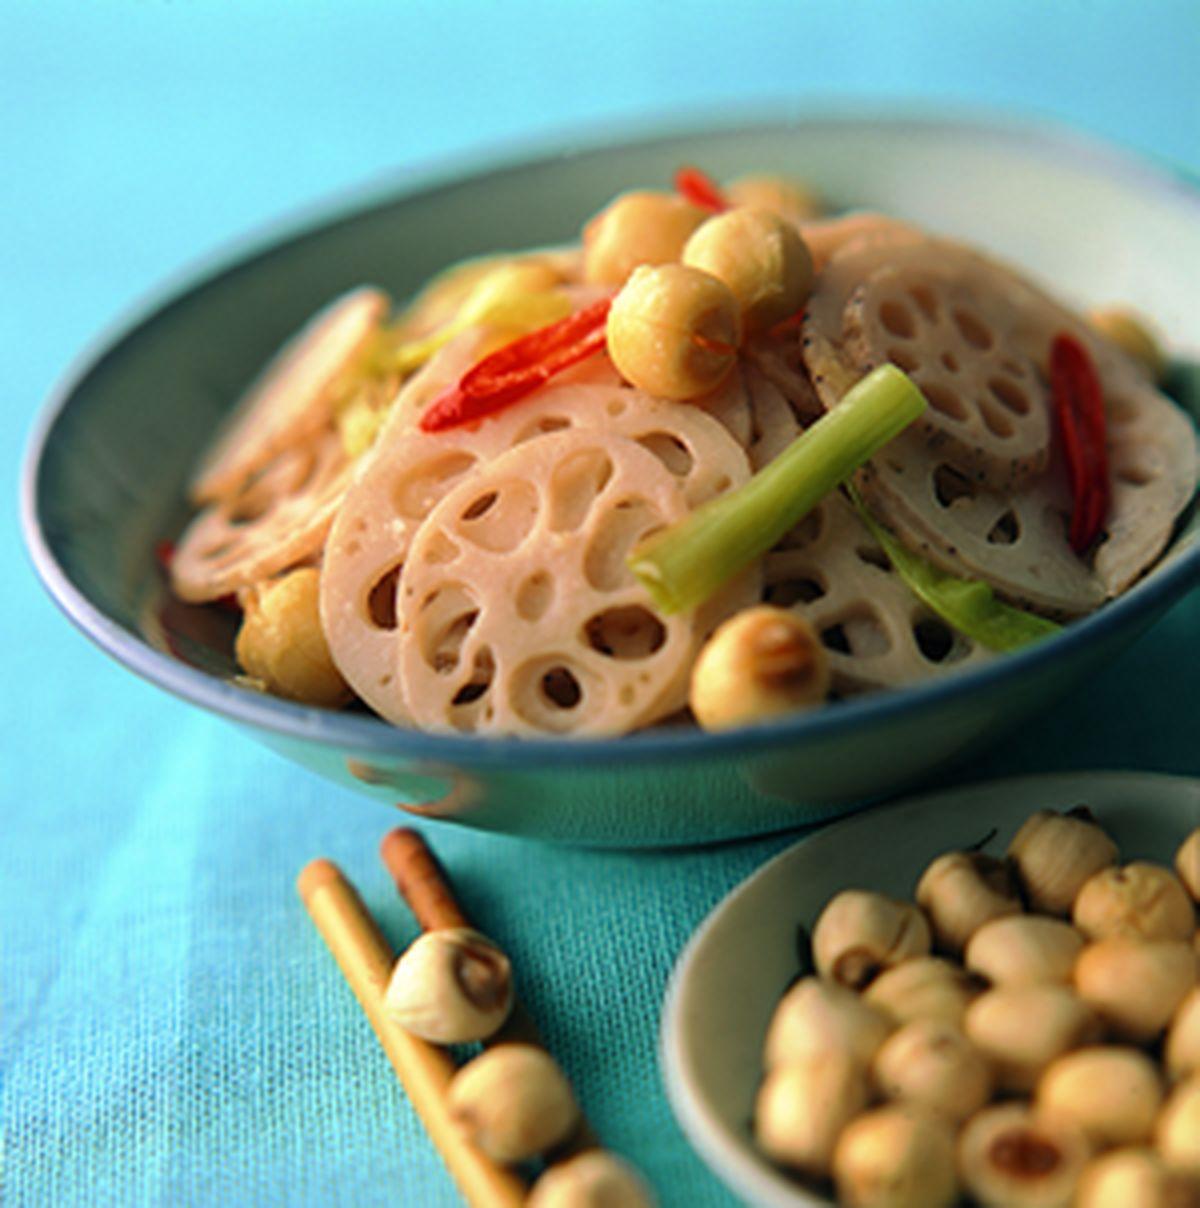 食譜:蓮子炒蓮藕片